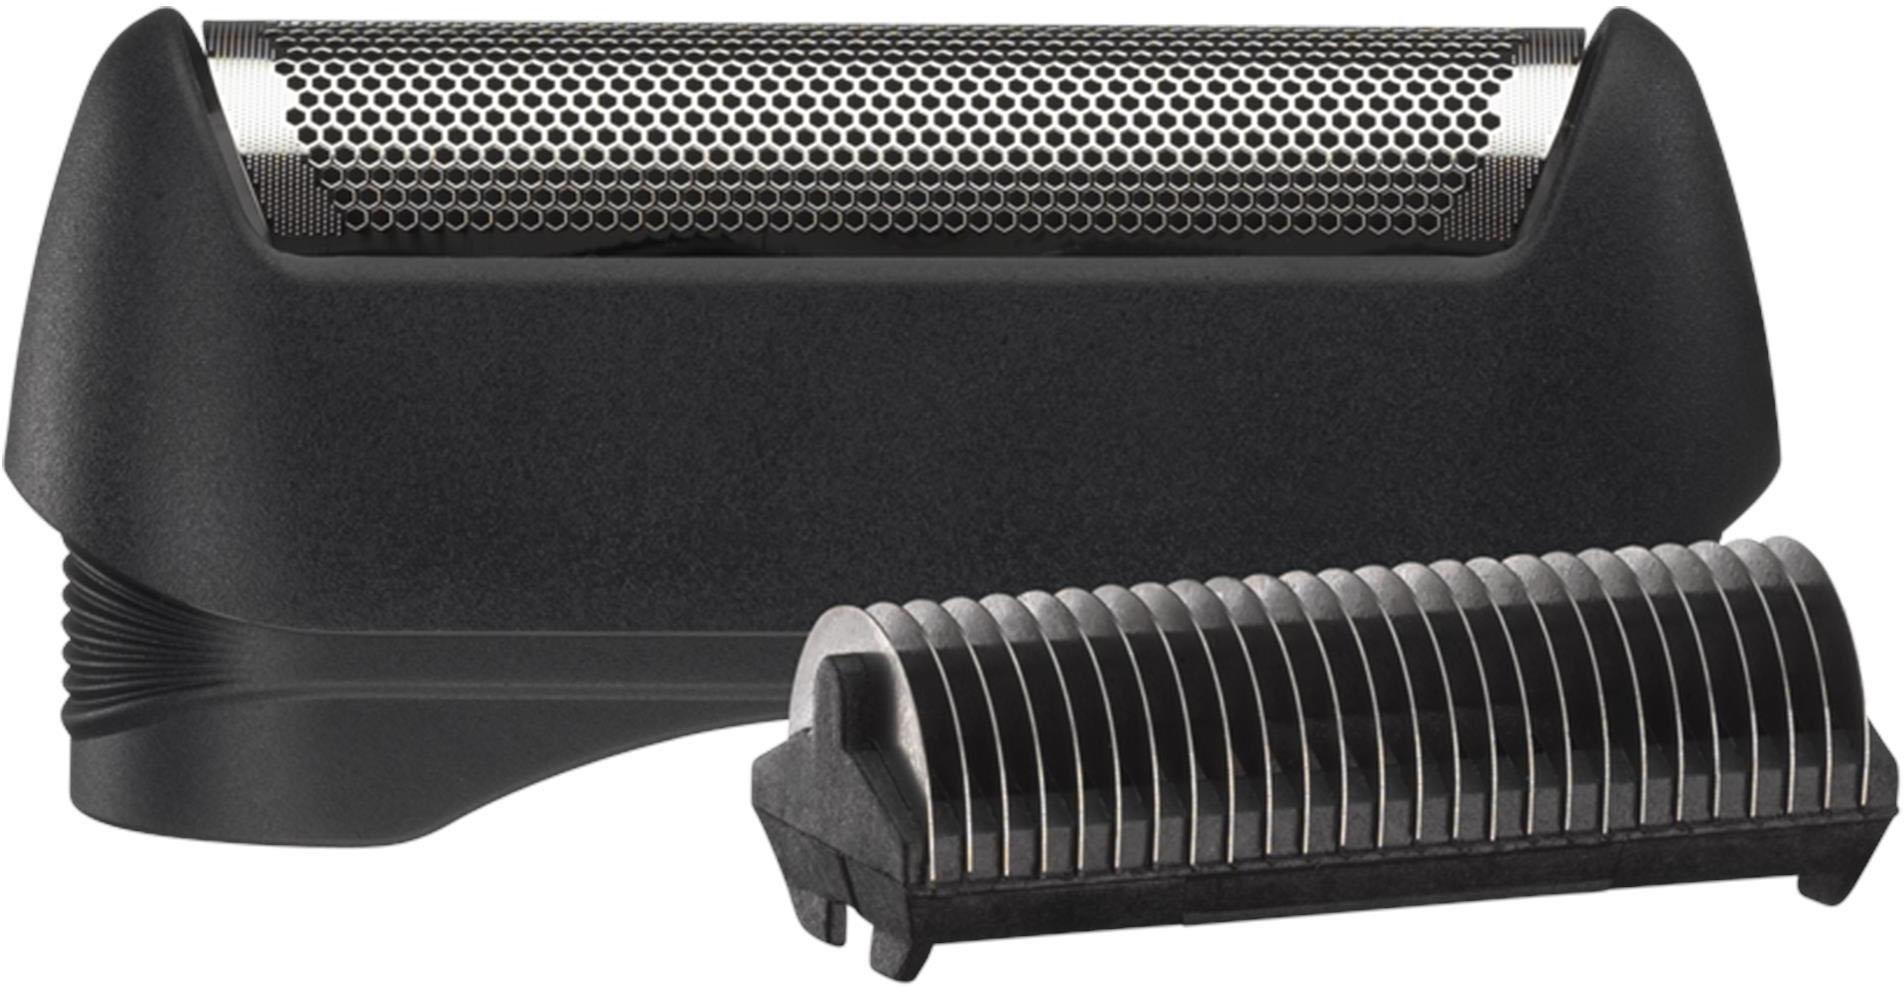 Braun Scheerkop combi-pack 11B voordelig en veilig online kopen